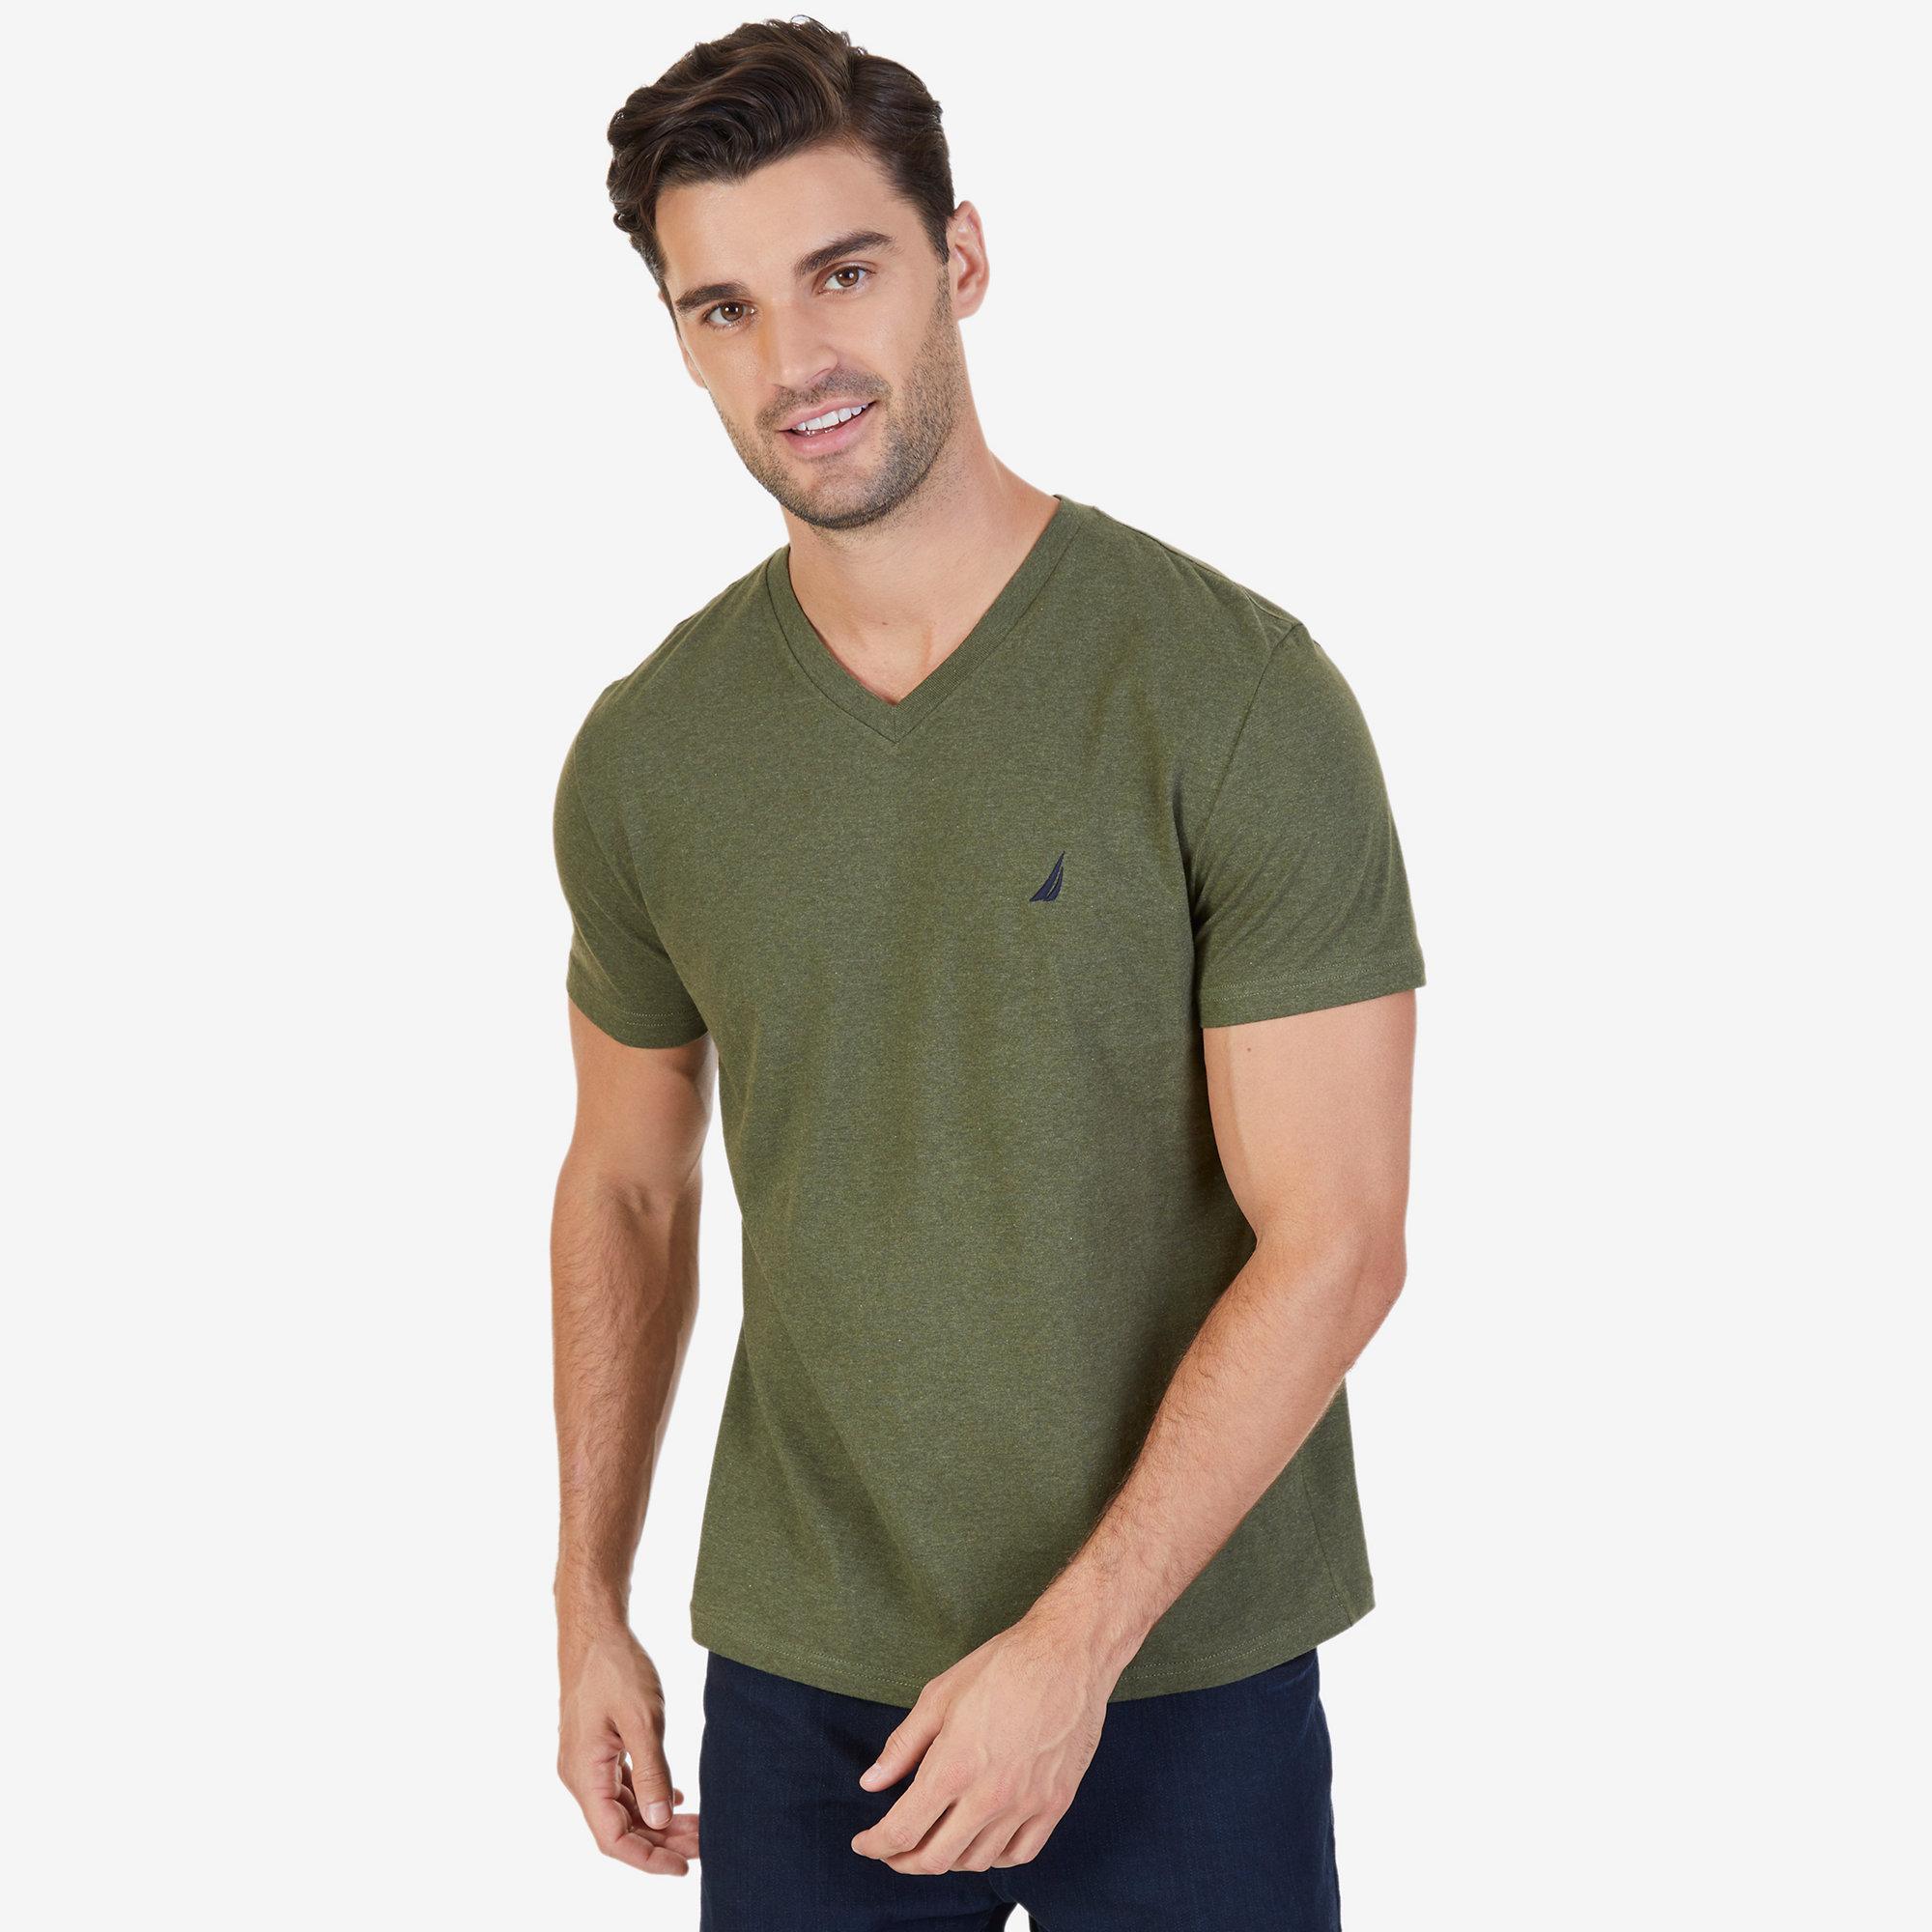 d80b1869 NAUTICA MENS SOLID V-Neck Slim Fit T-Shirt - $10.19 | PicClick